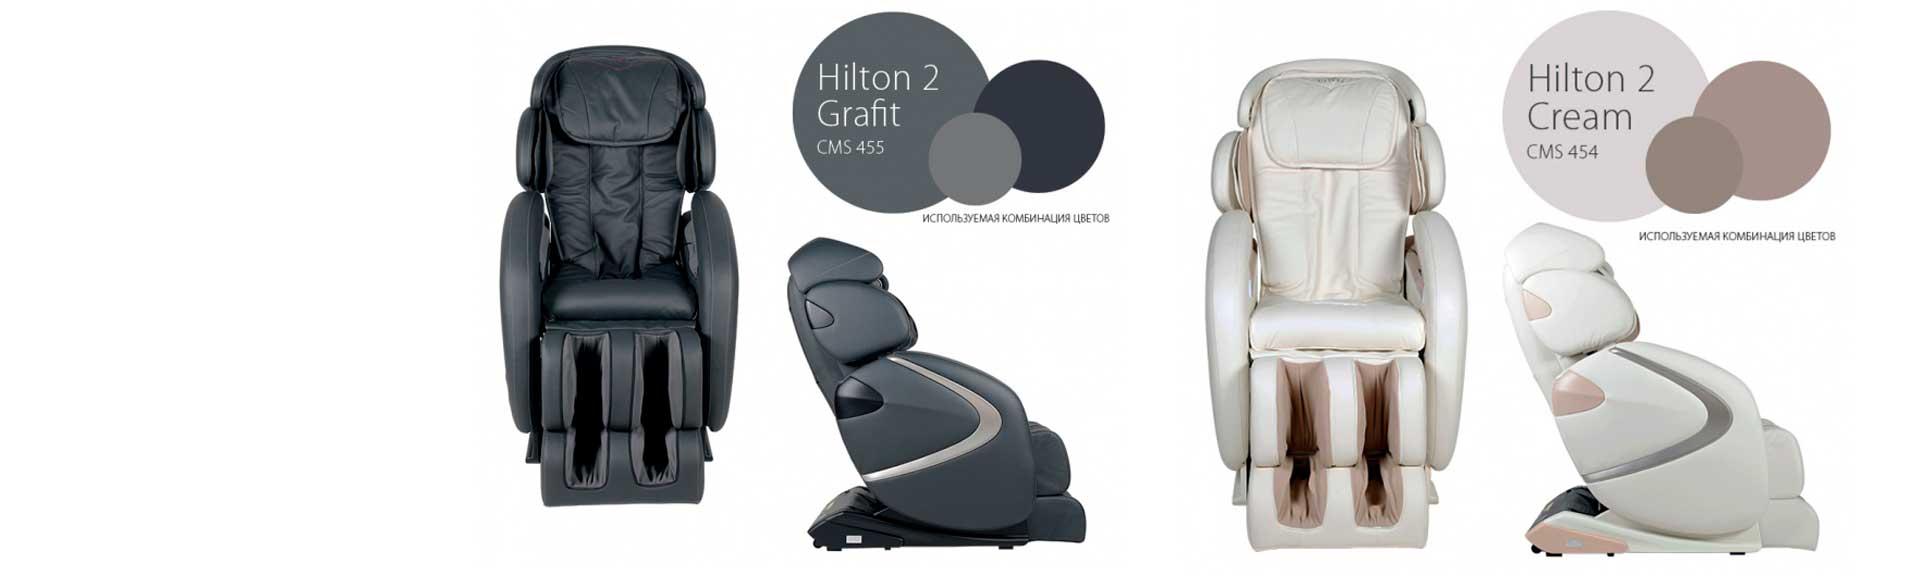 Підберіть колір крісла